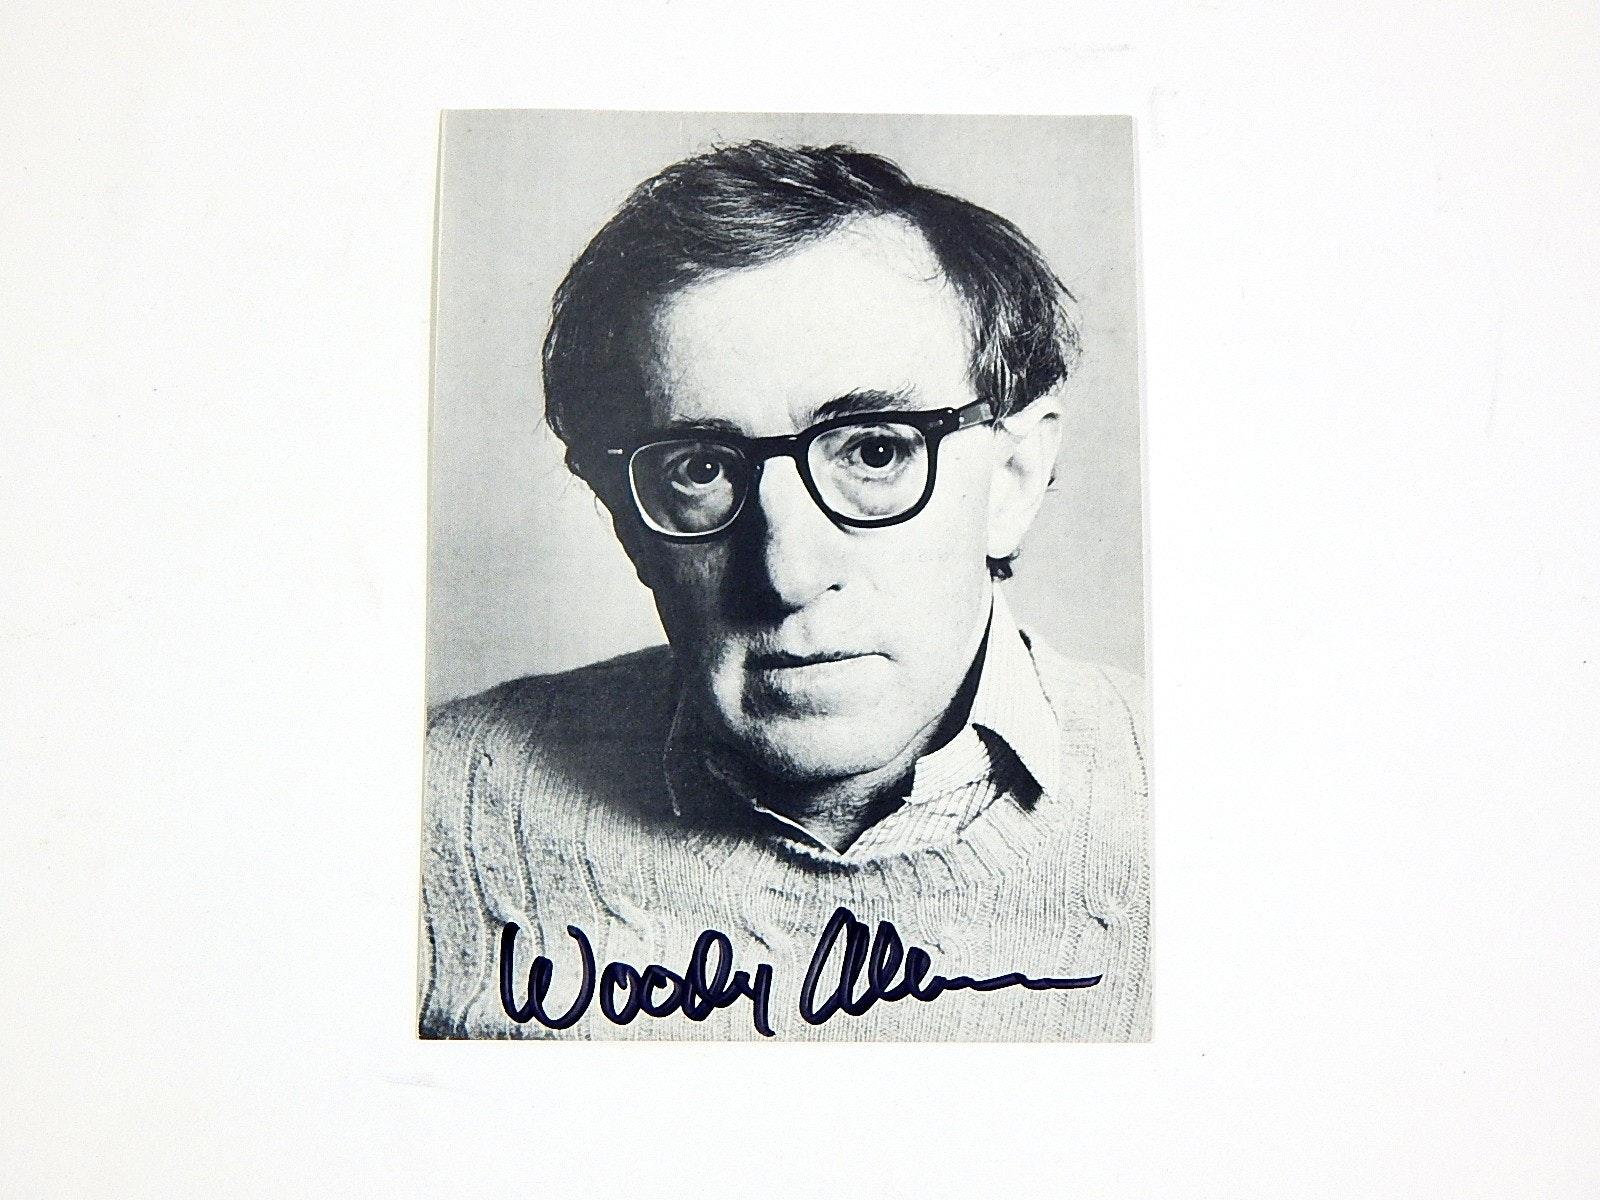 Woody Allen Autograph